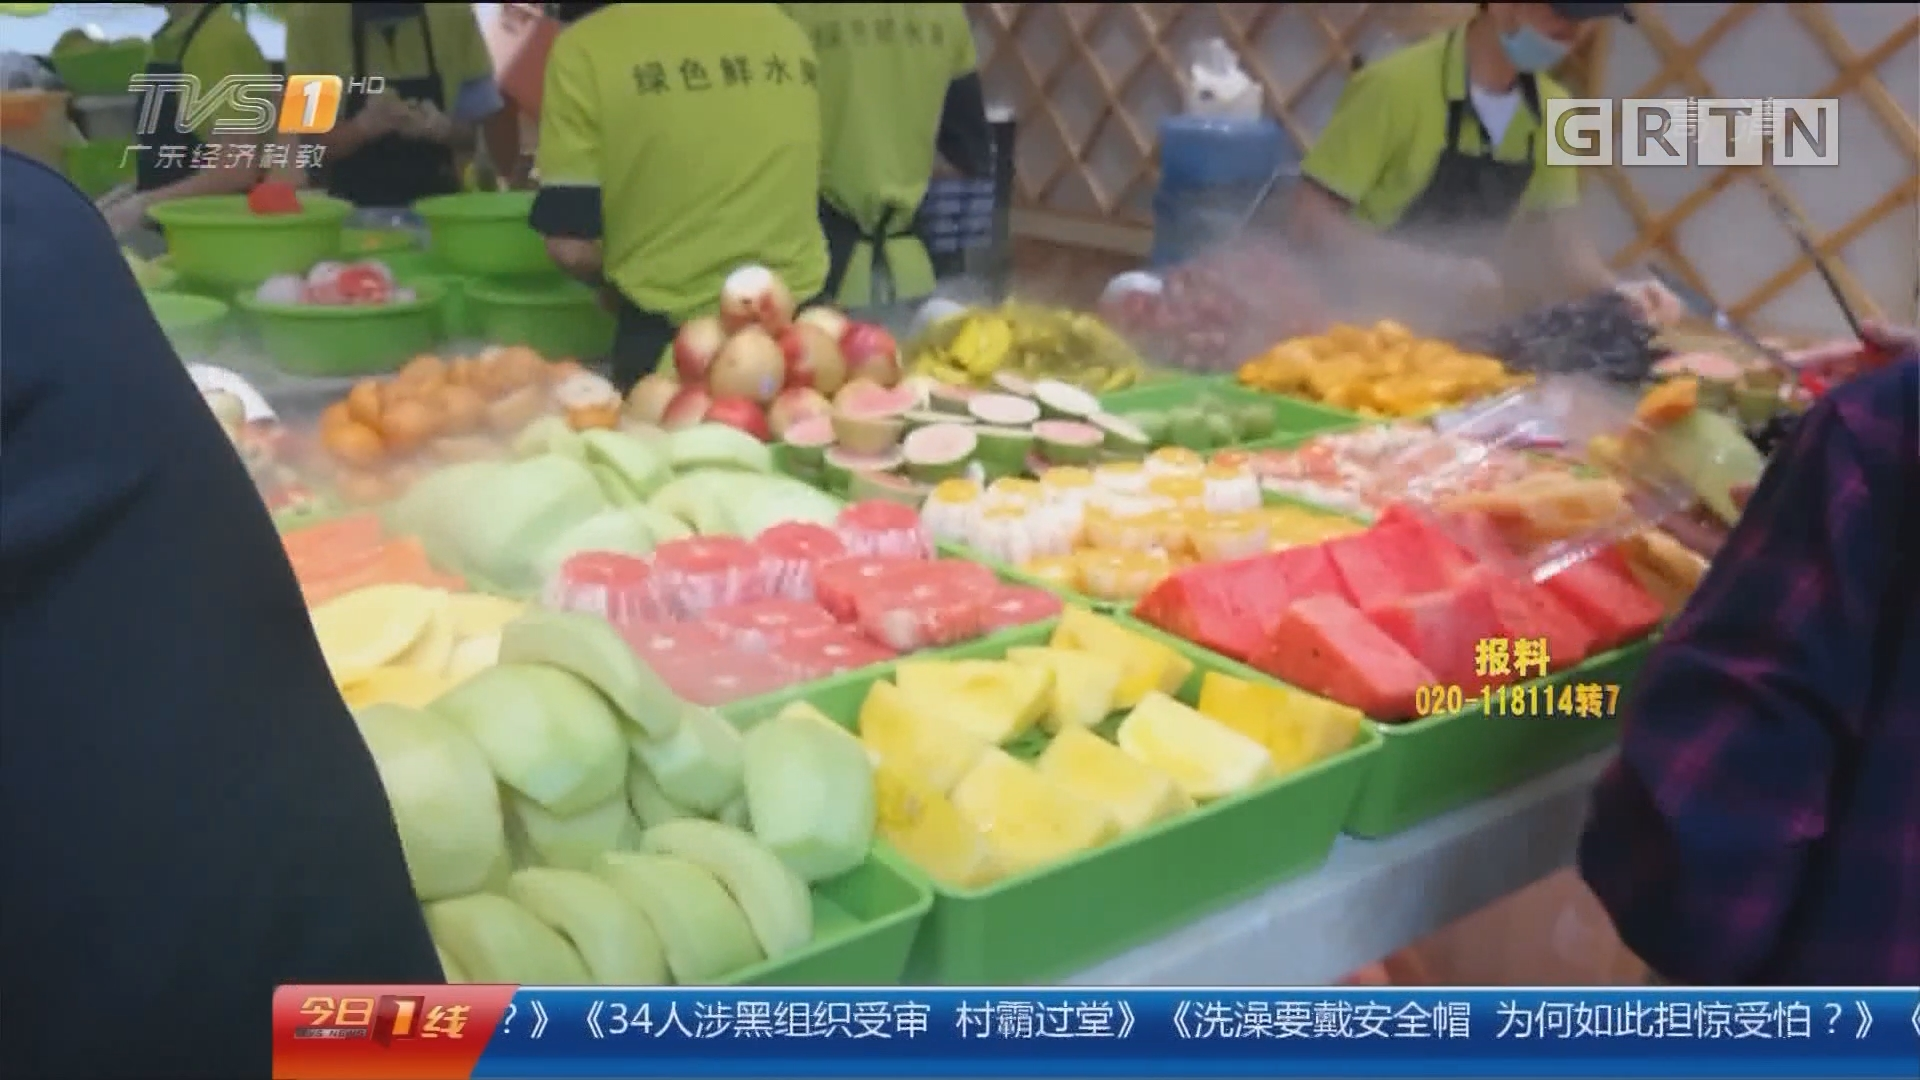 网红水果店:网红鲜切水果菌落爆表 你敢吃吗?